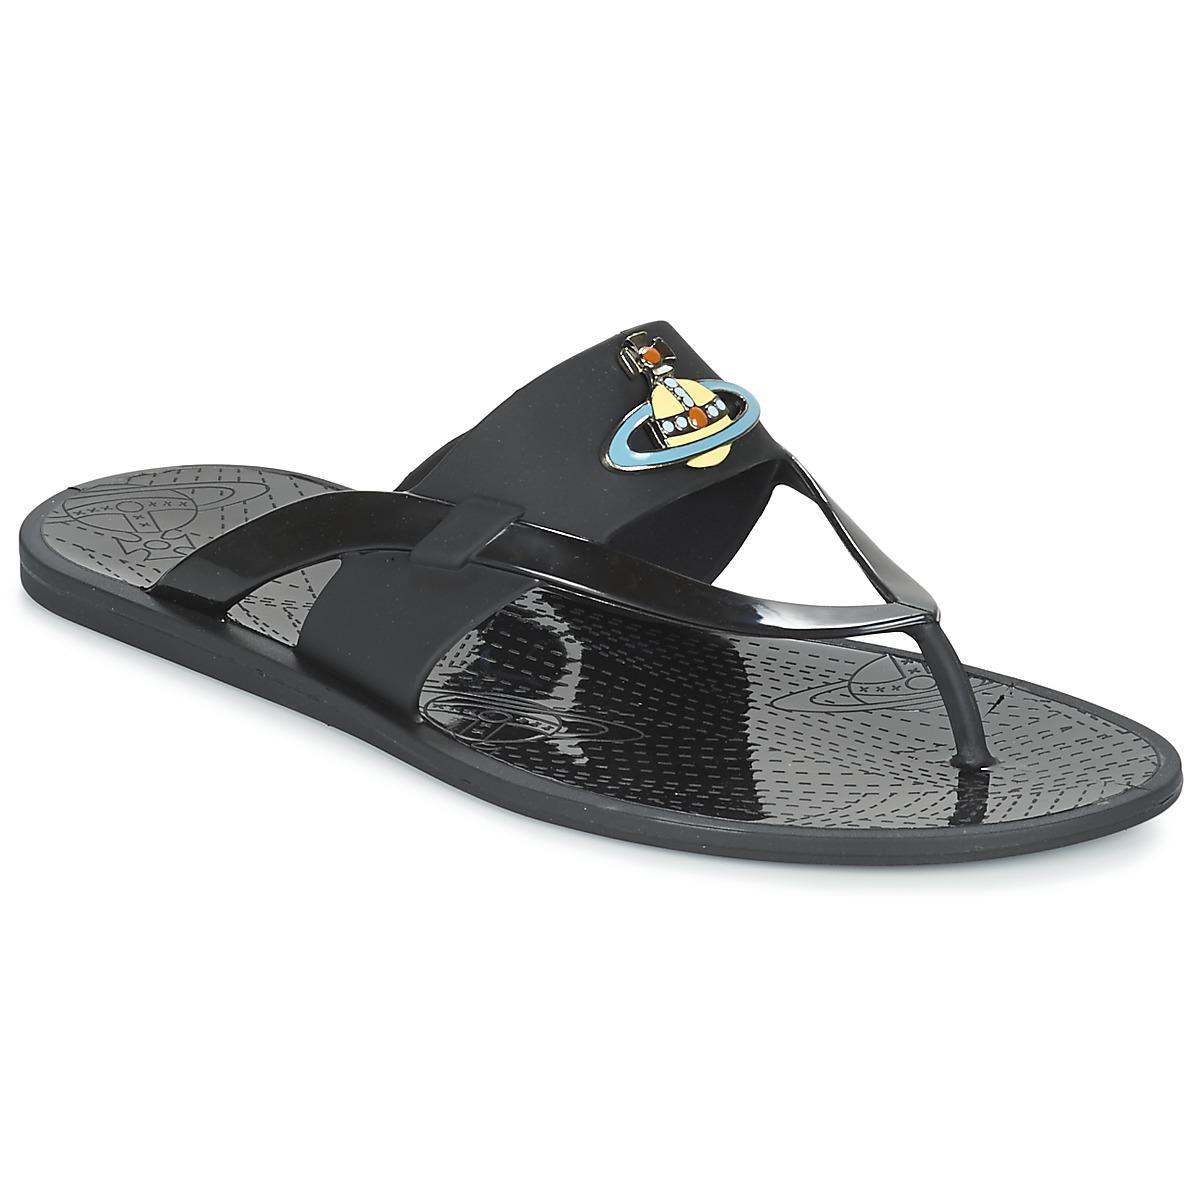 3c538d8a396d Vivienne Westwood. Men s Black Orb Enamelled Sdl Flip Flops   Sandals (shoes )